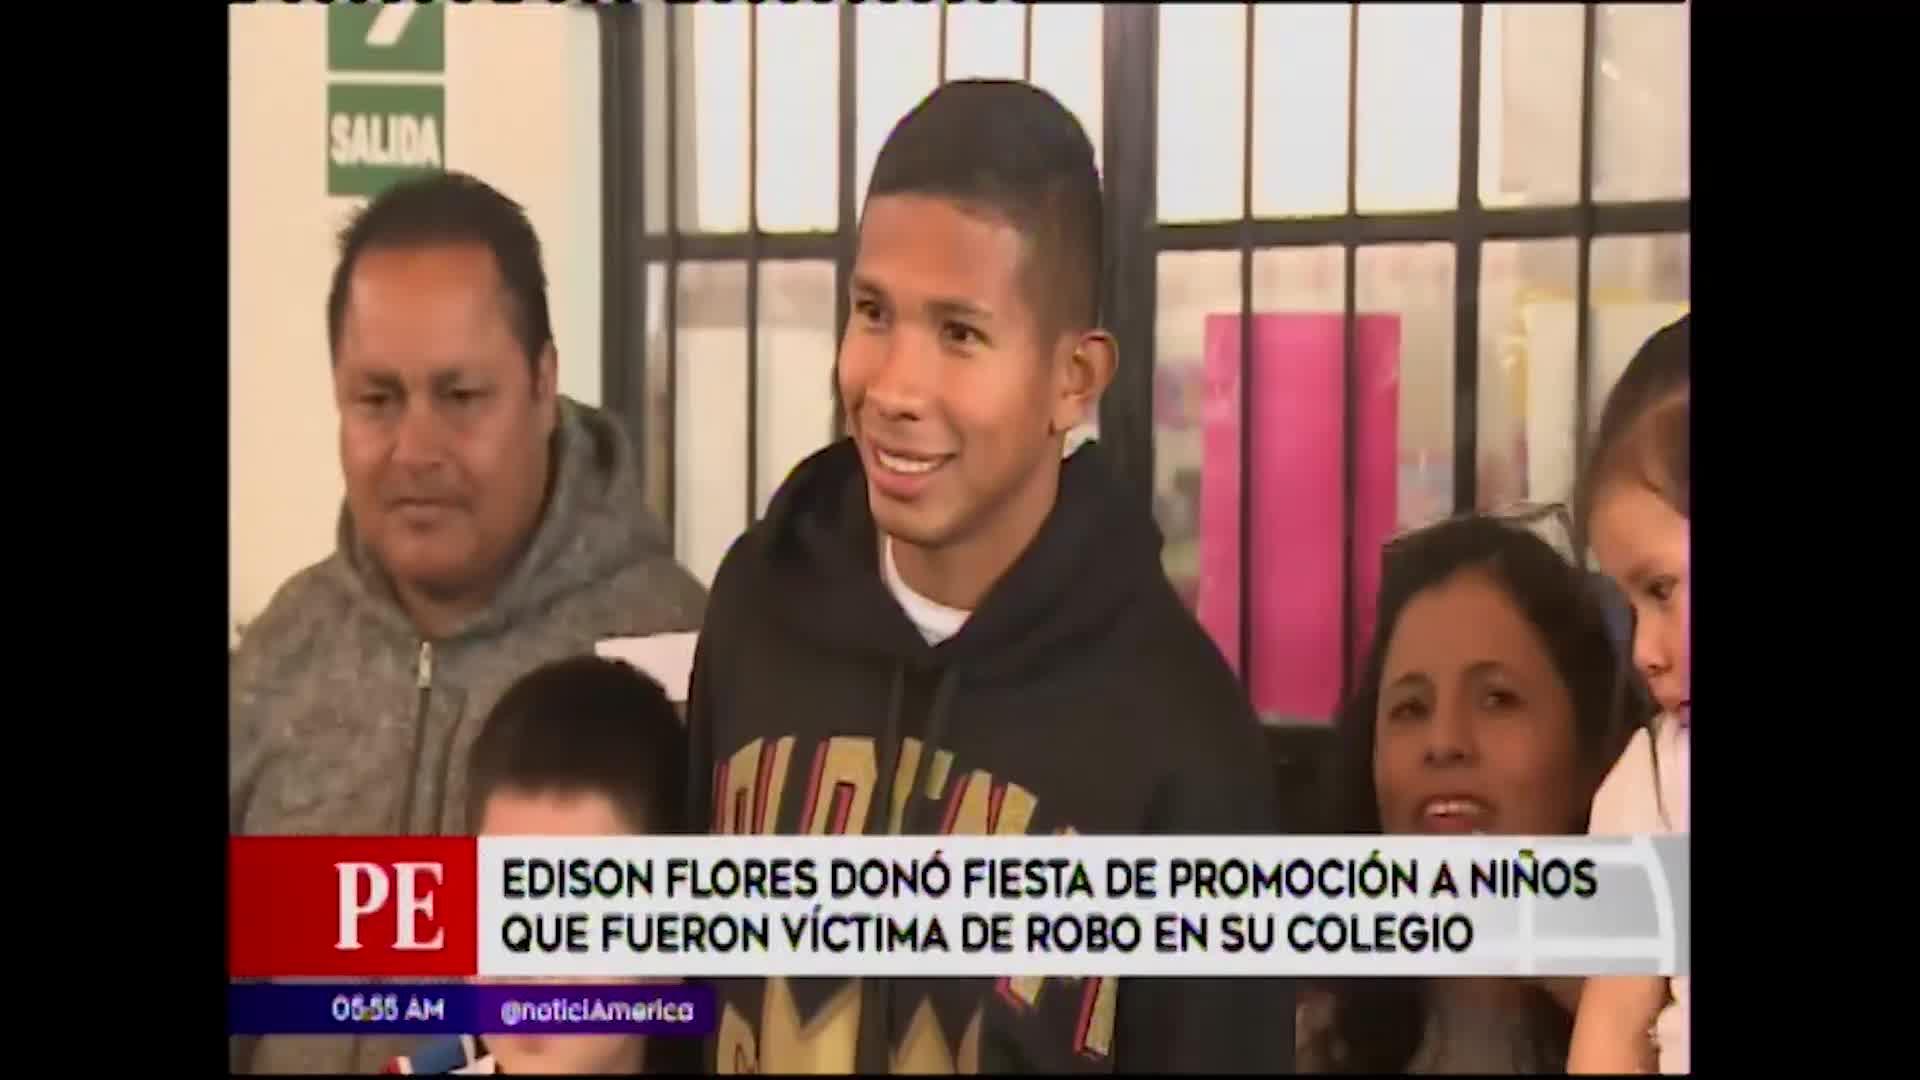 Comas: Edison Flores regala fiesta de promoción a niños que fueron víctimas de robo